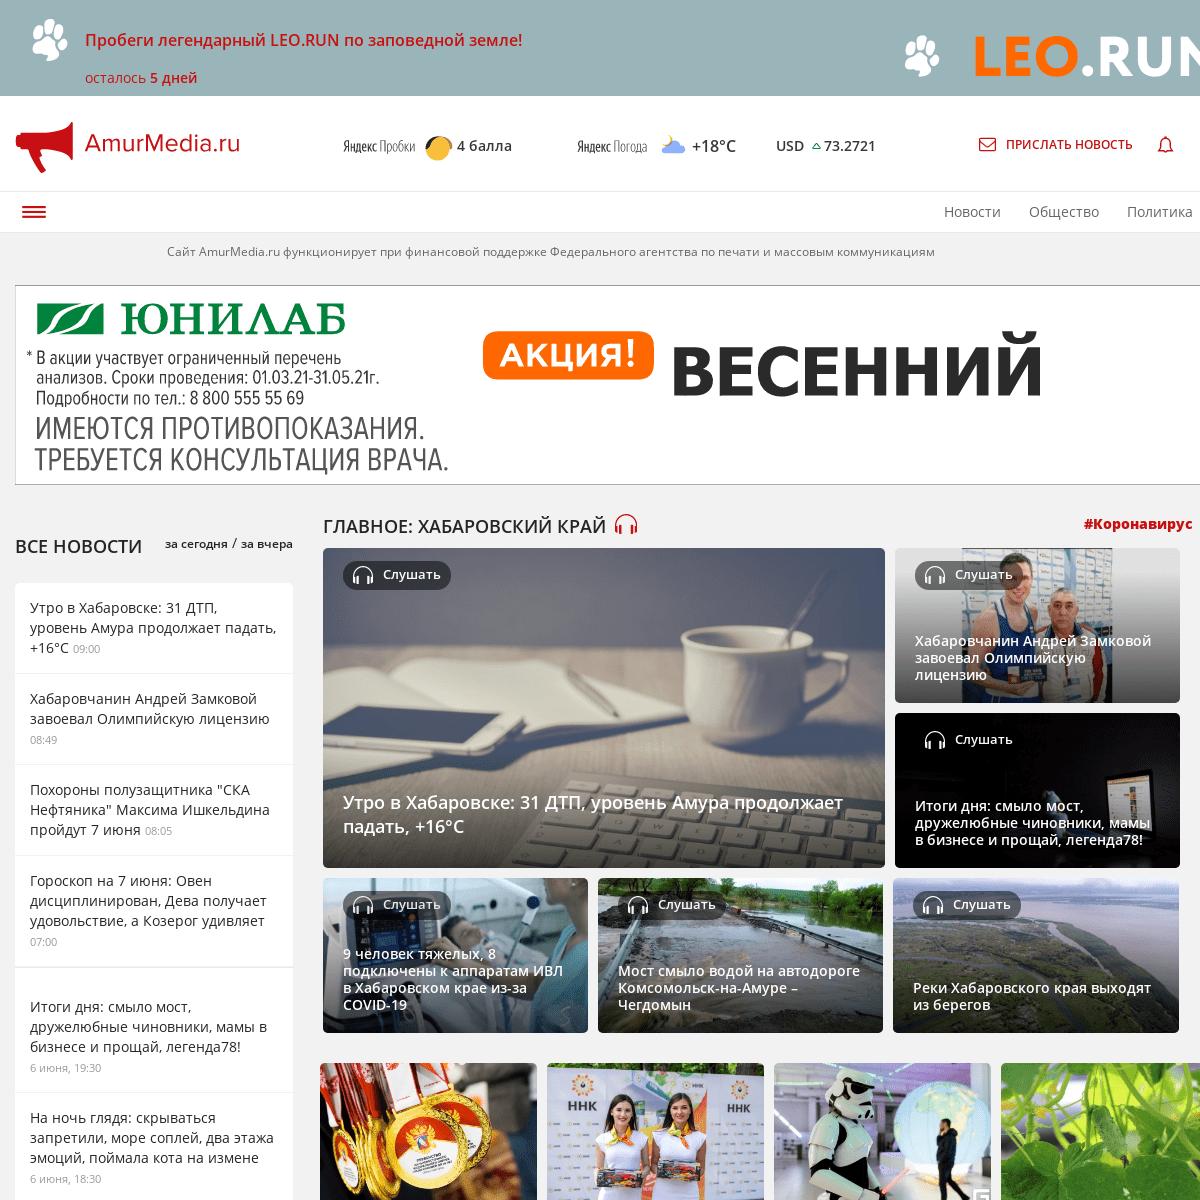 Новости Хабаровска и Хабаровского края - AmurMedia